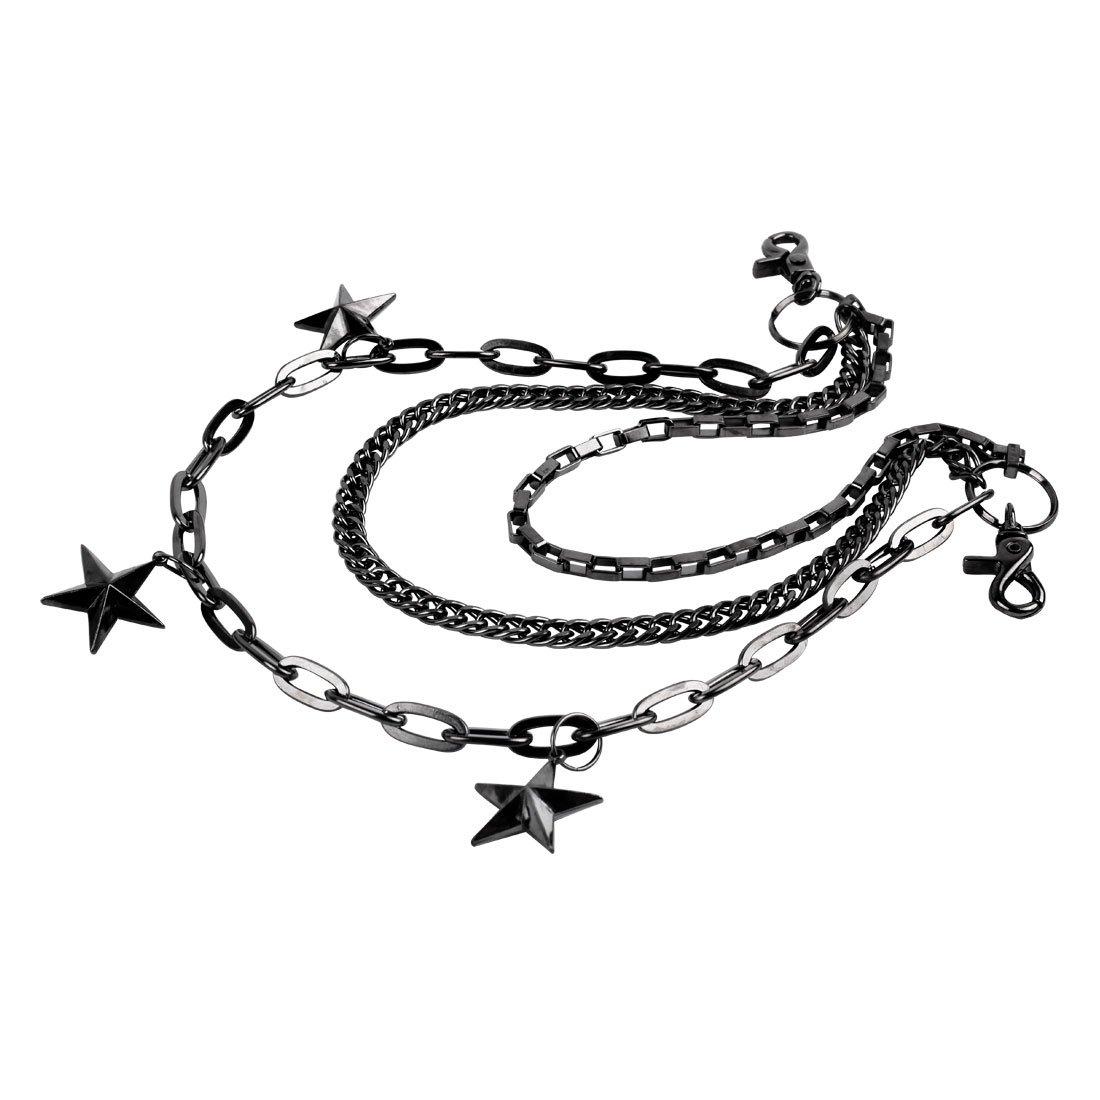 Uniqsum Big 3 Star wallet chain Swivel Trigger snap Triple Biker Punk Key chain